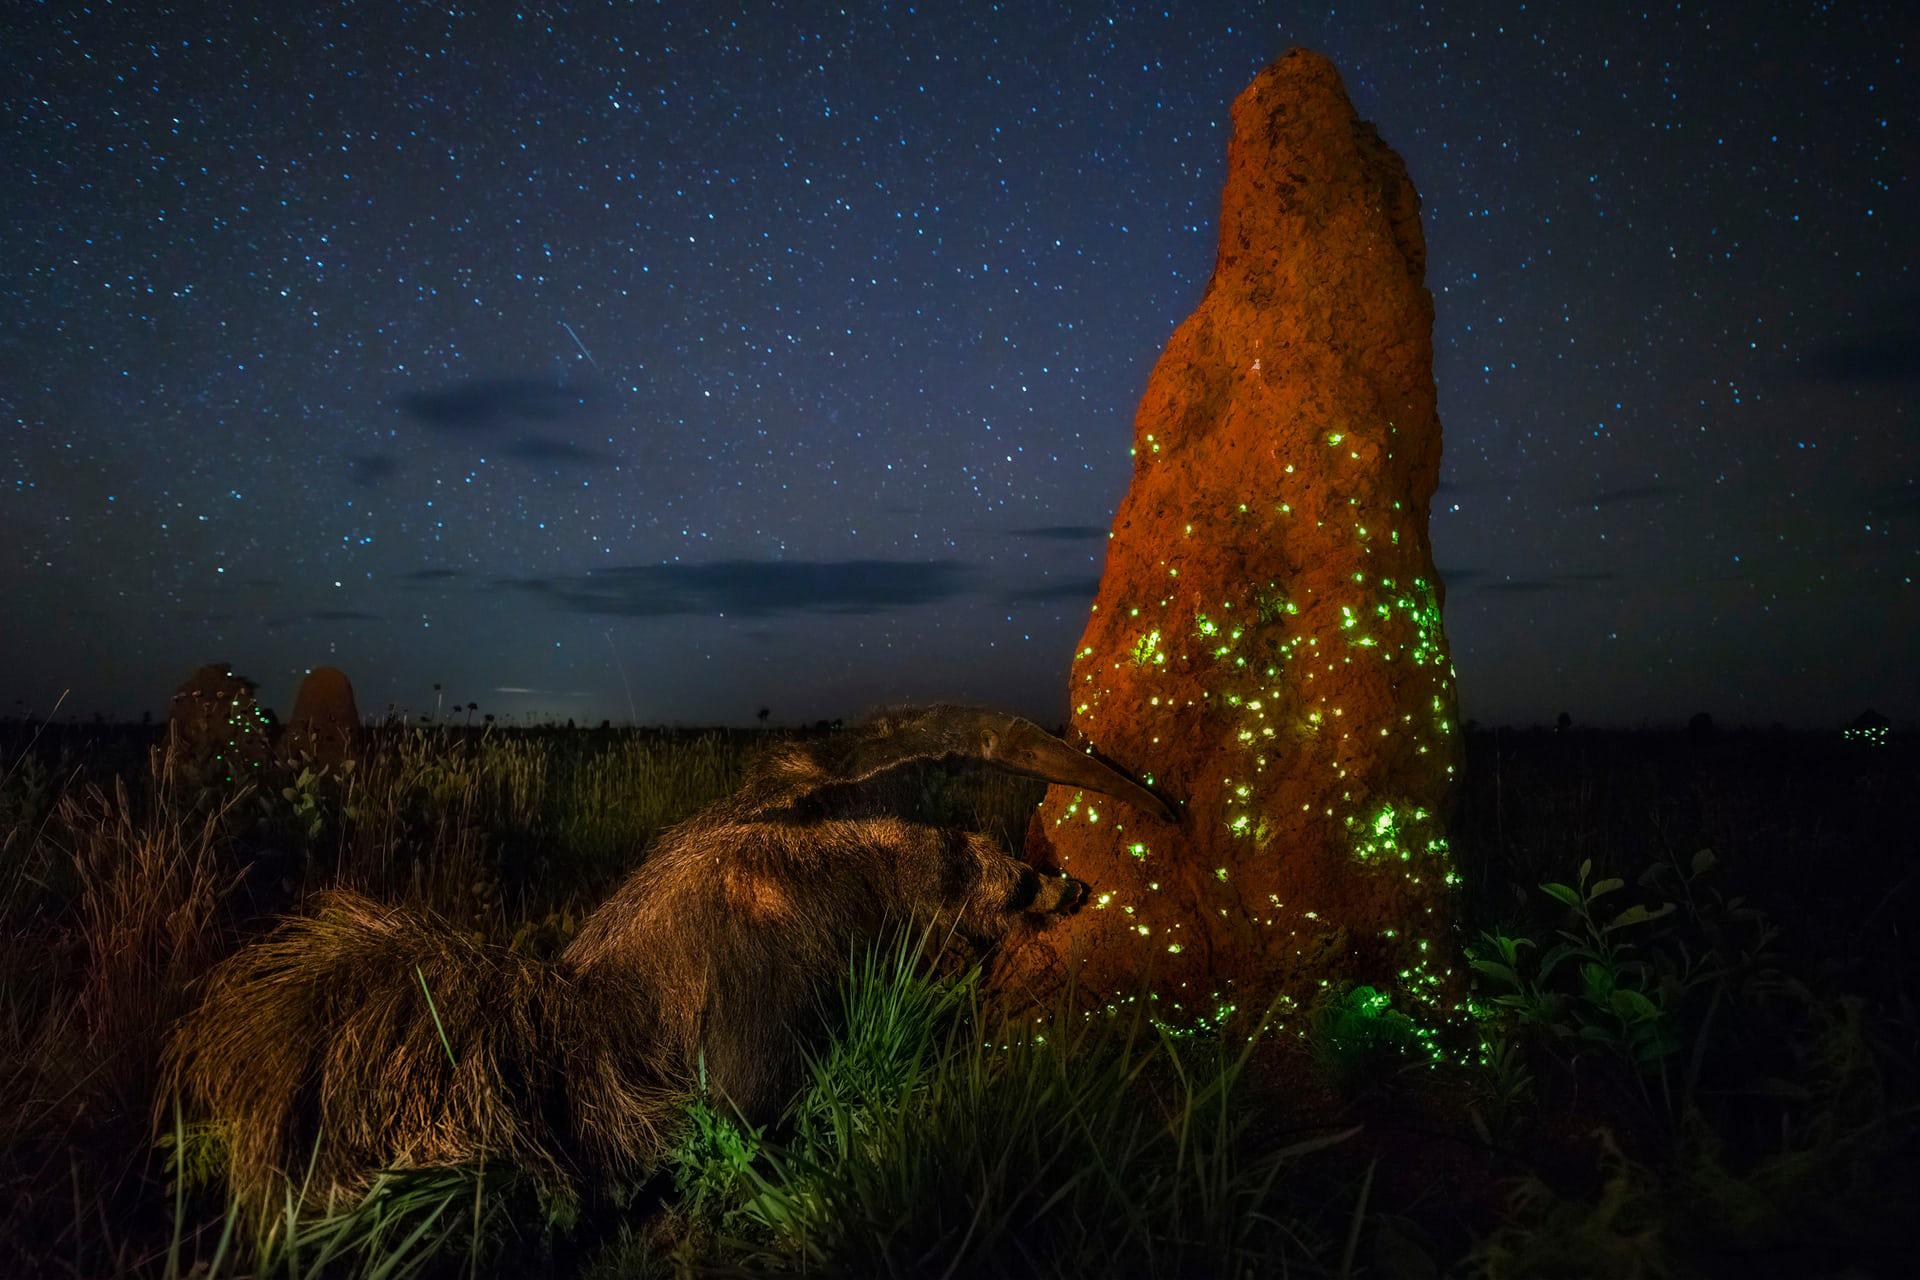 """'The Night Raider', de Marcio Cabral. Categoría: """"Animales en su medio ambiente"""""""